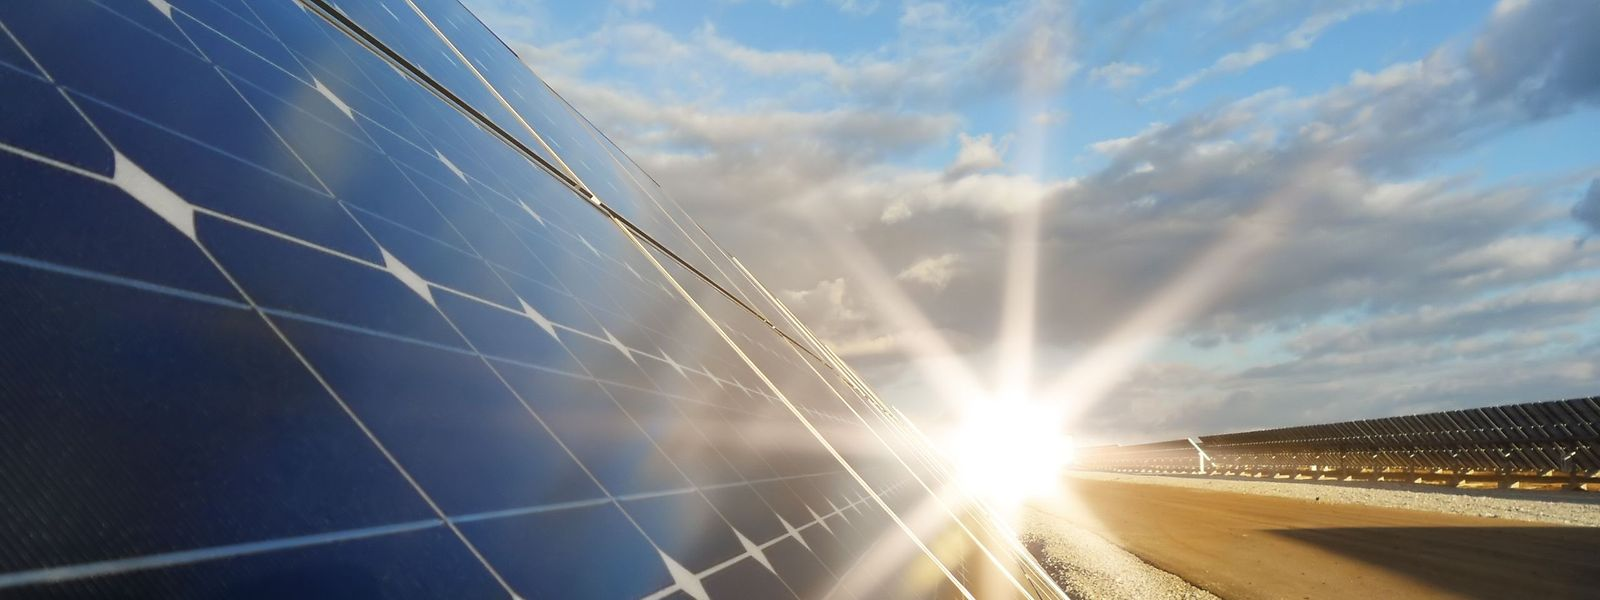 Strahlende Zukunft: Ein Viertel seiner Energie will Luxemburg künftig aus erneuerbaren Energien gewinnen.